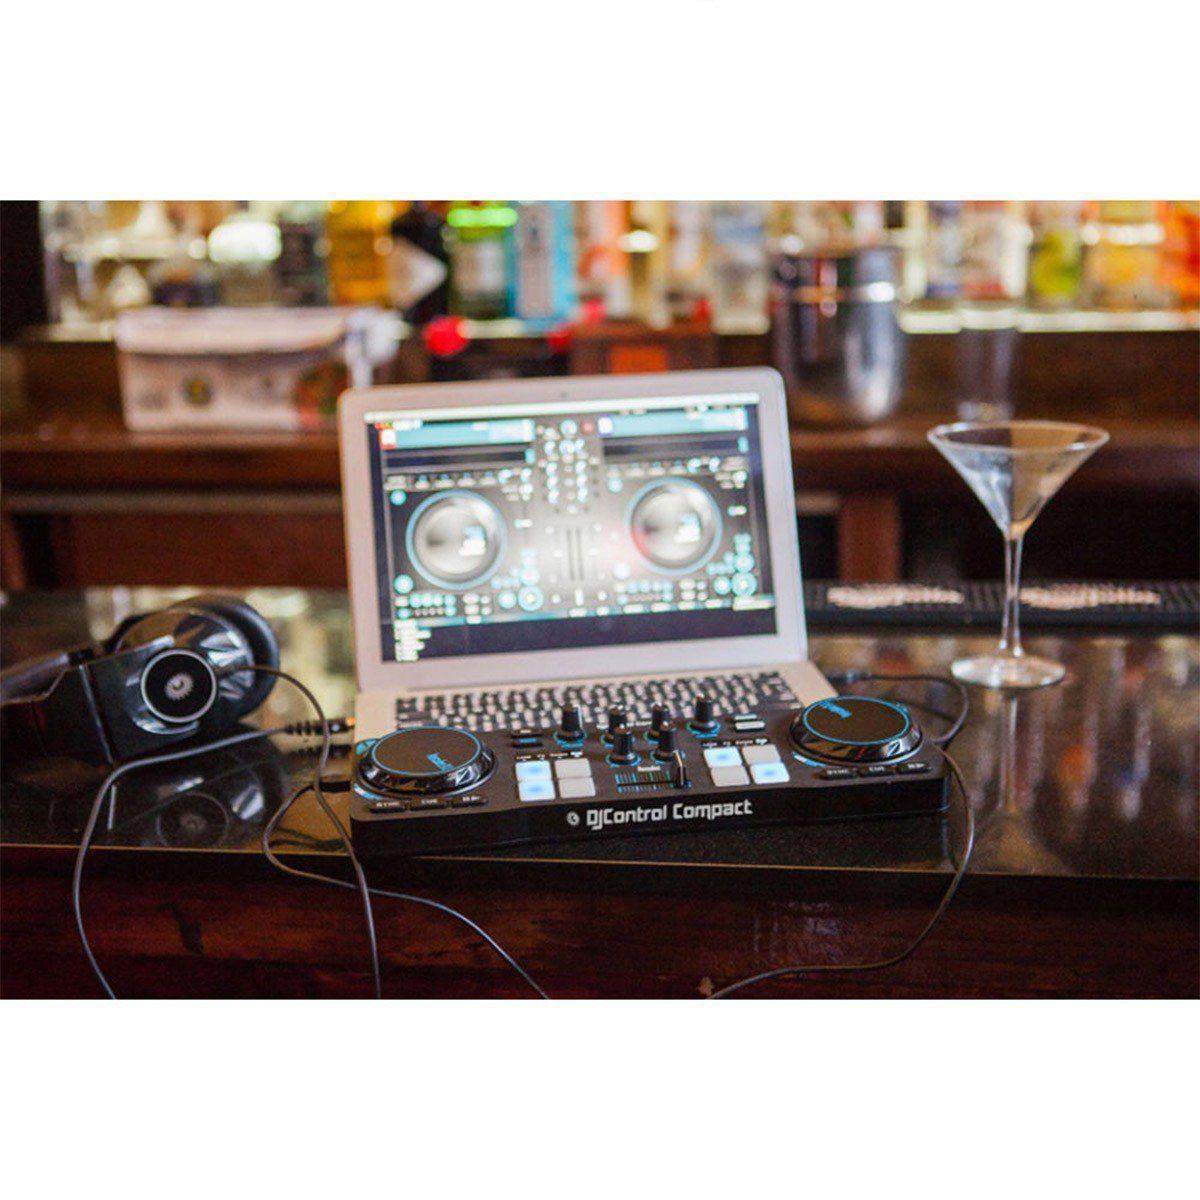 Hercules DJ Control Compact Controladora Dj Iniciante 2-Decks Usb